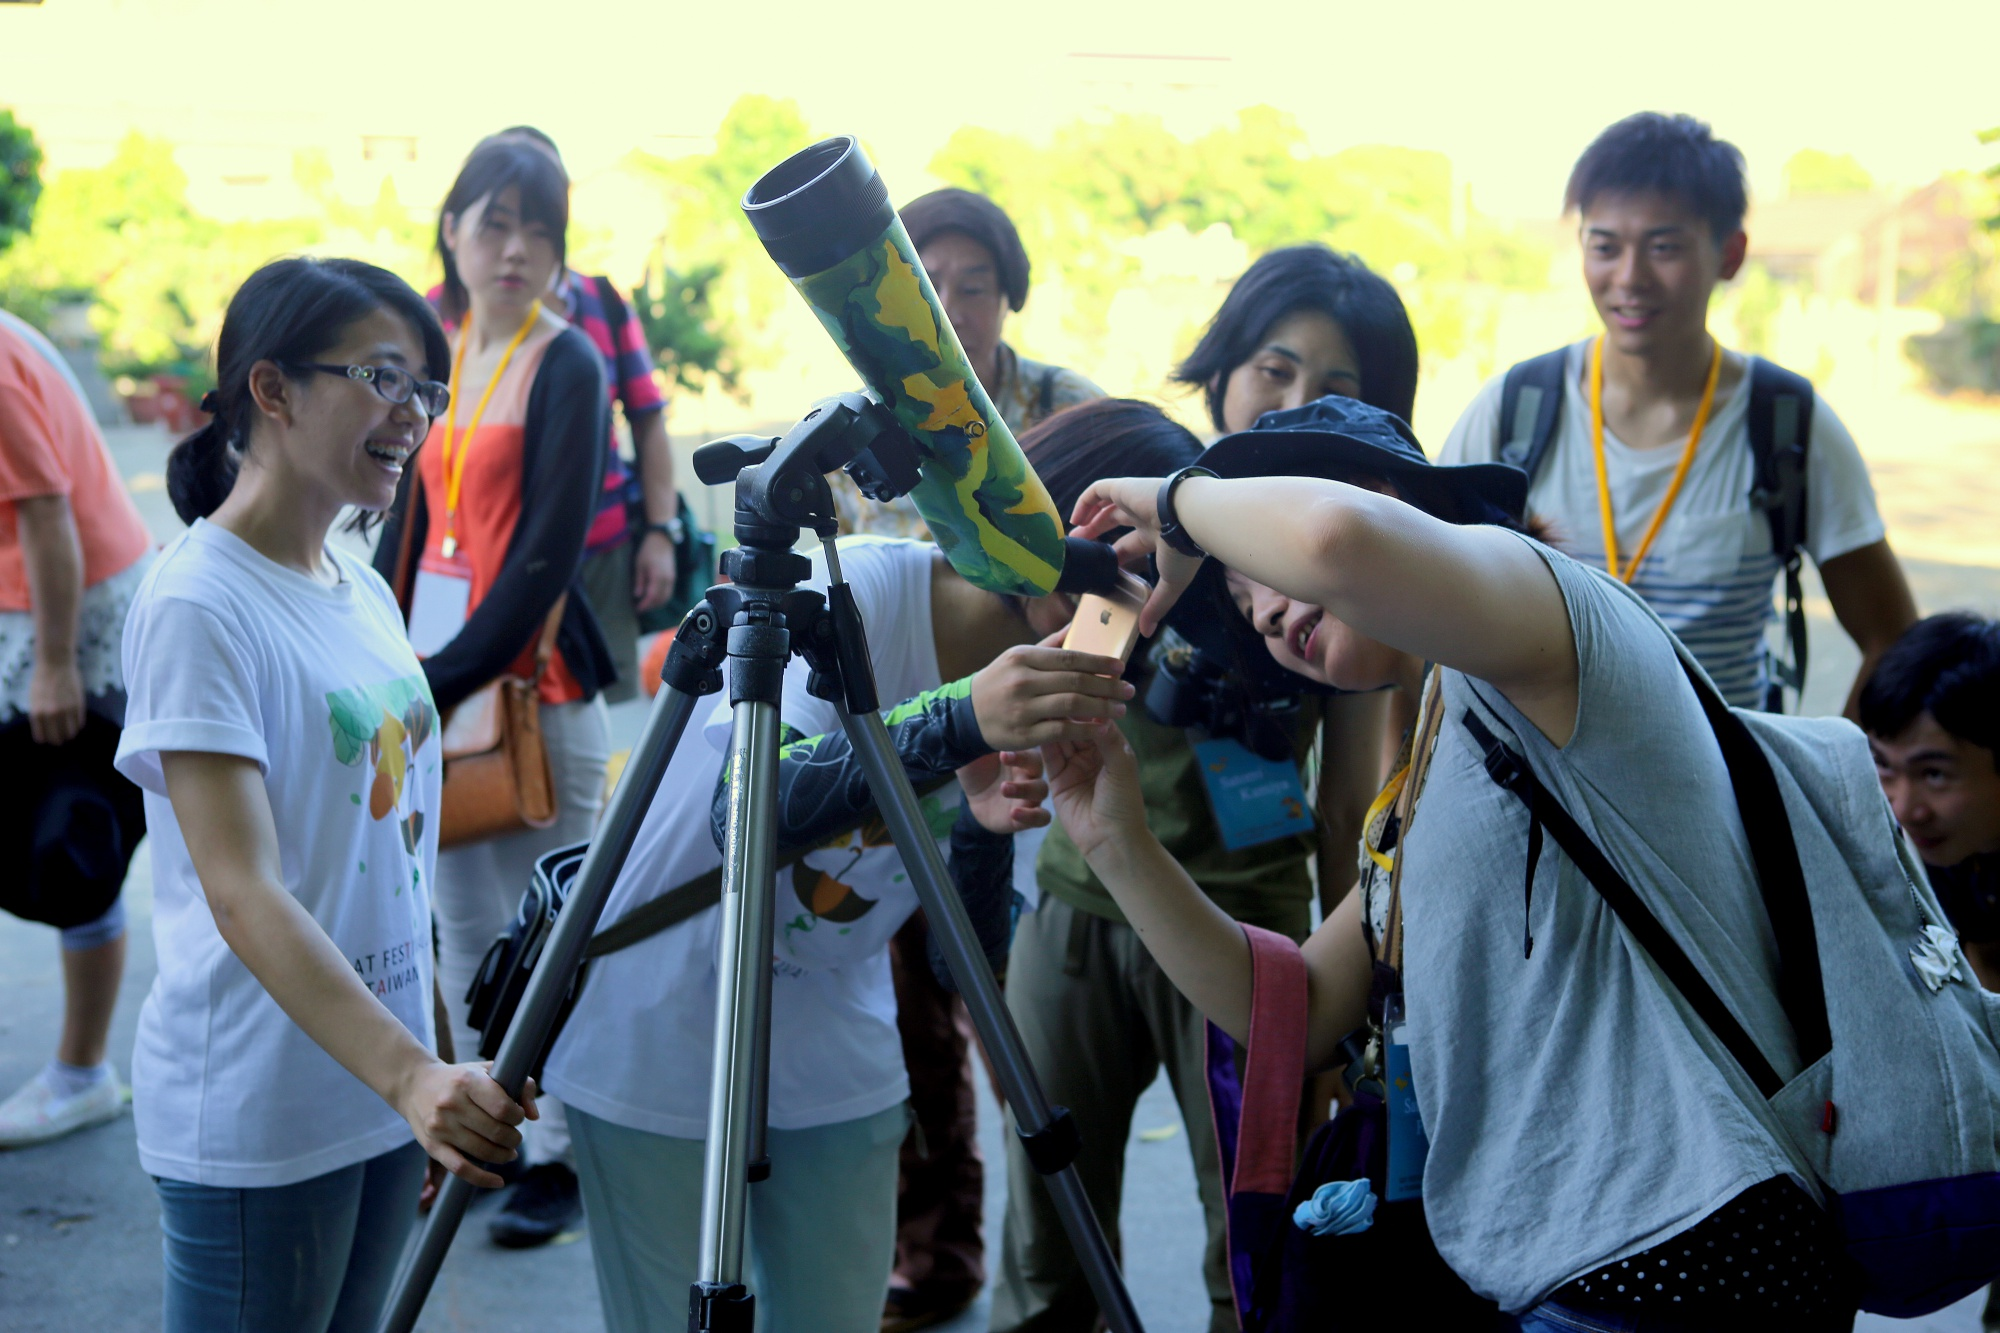 團體預約服務可使用高倍率望遠鏡賞蝠